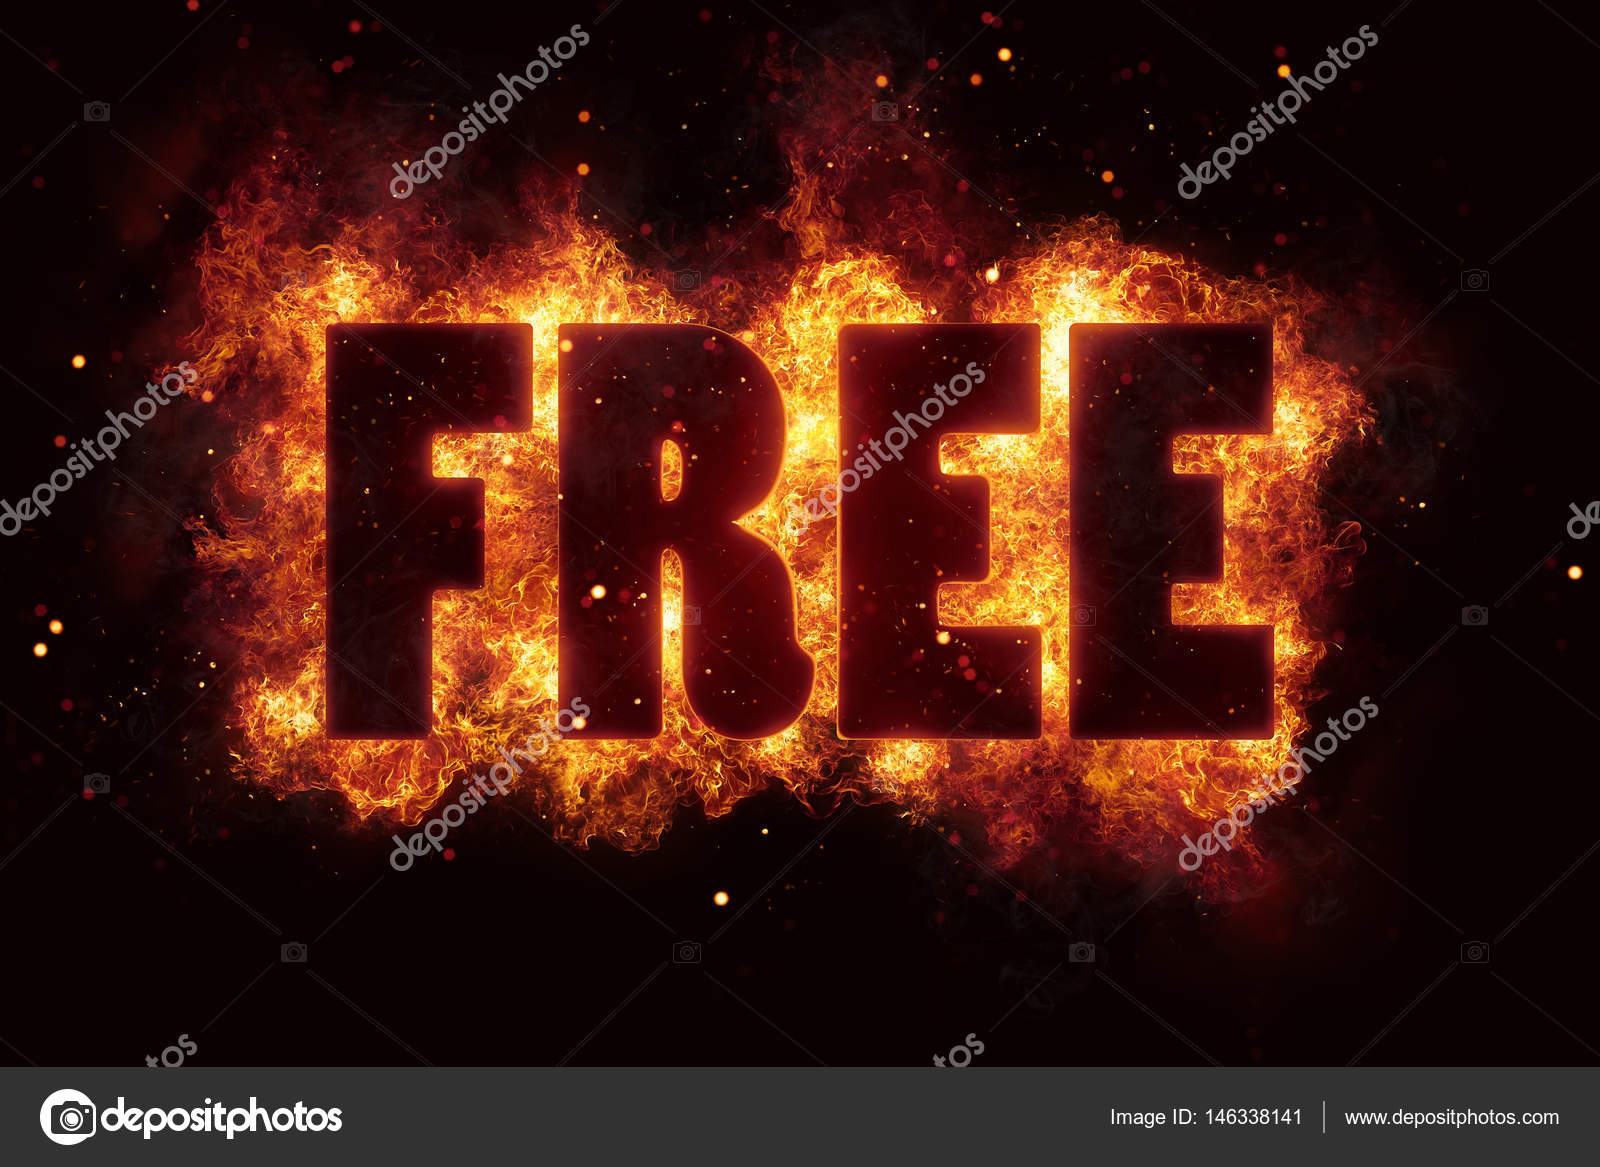 Fogo livre texto chama chamas queimam explosão quente ardente